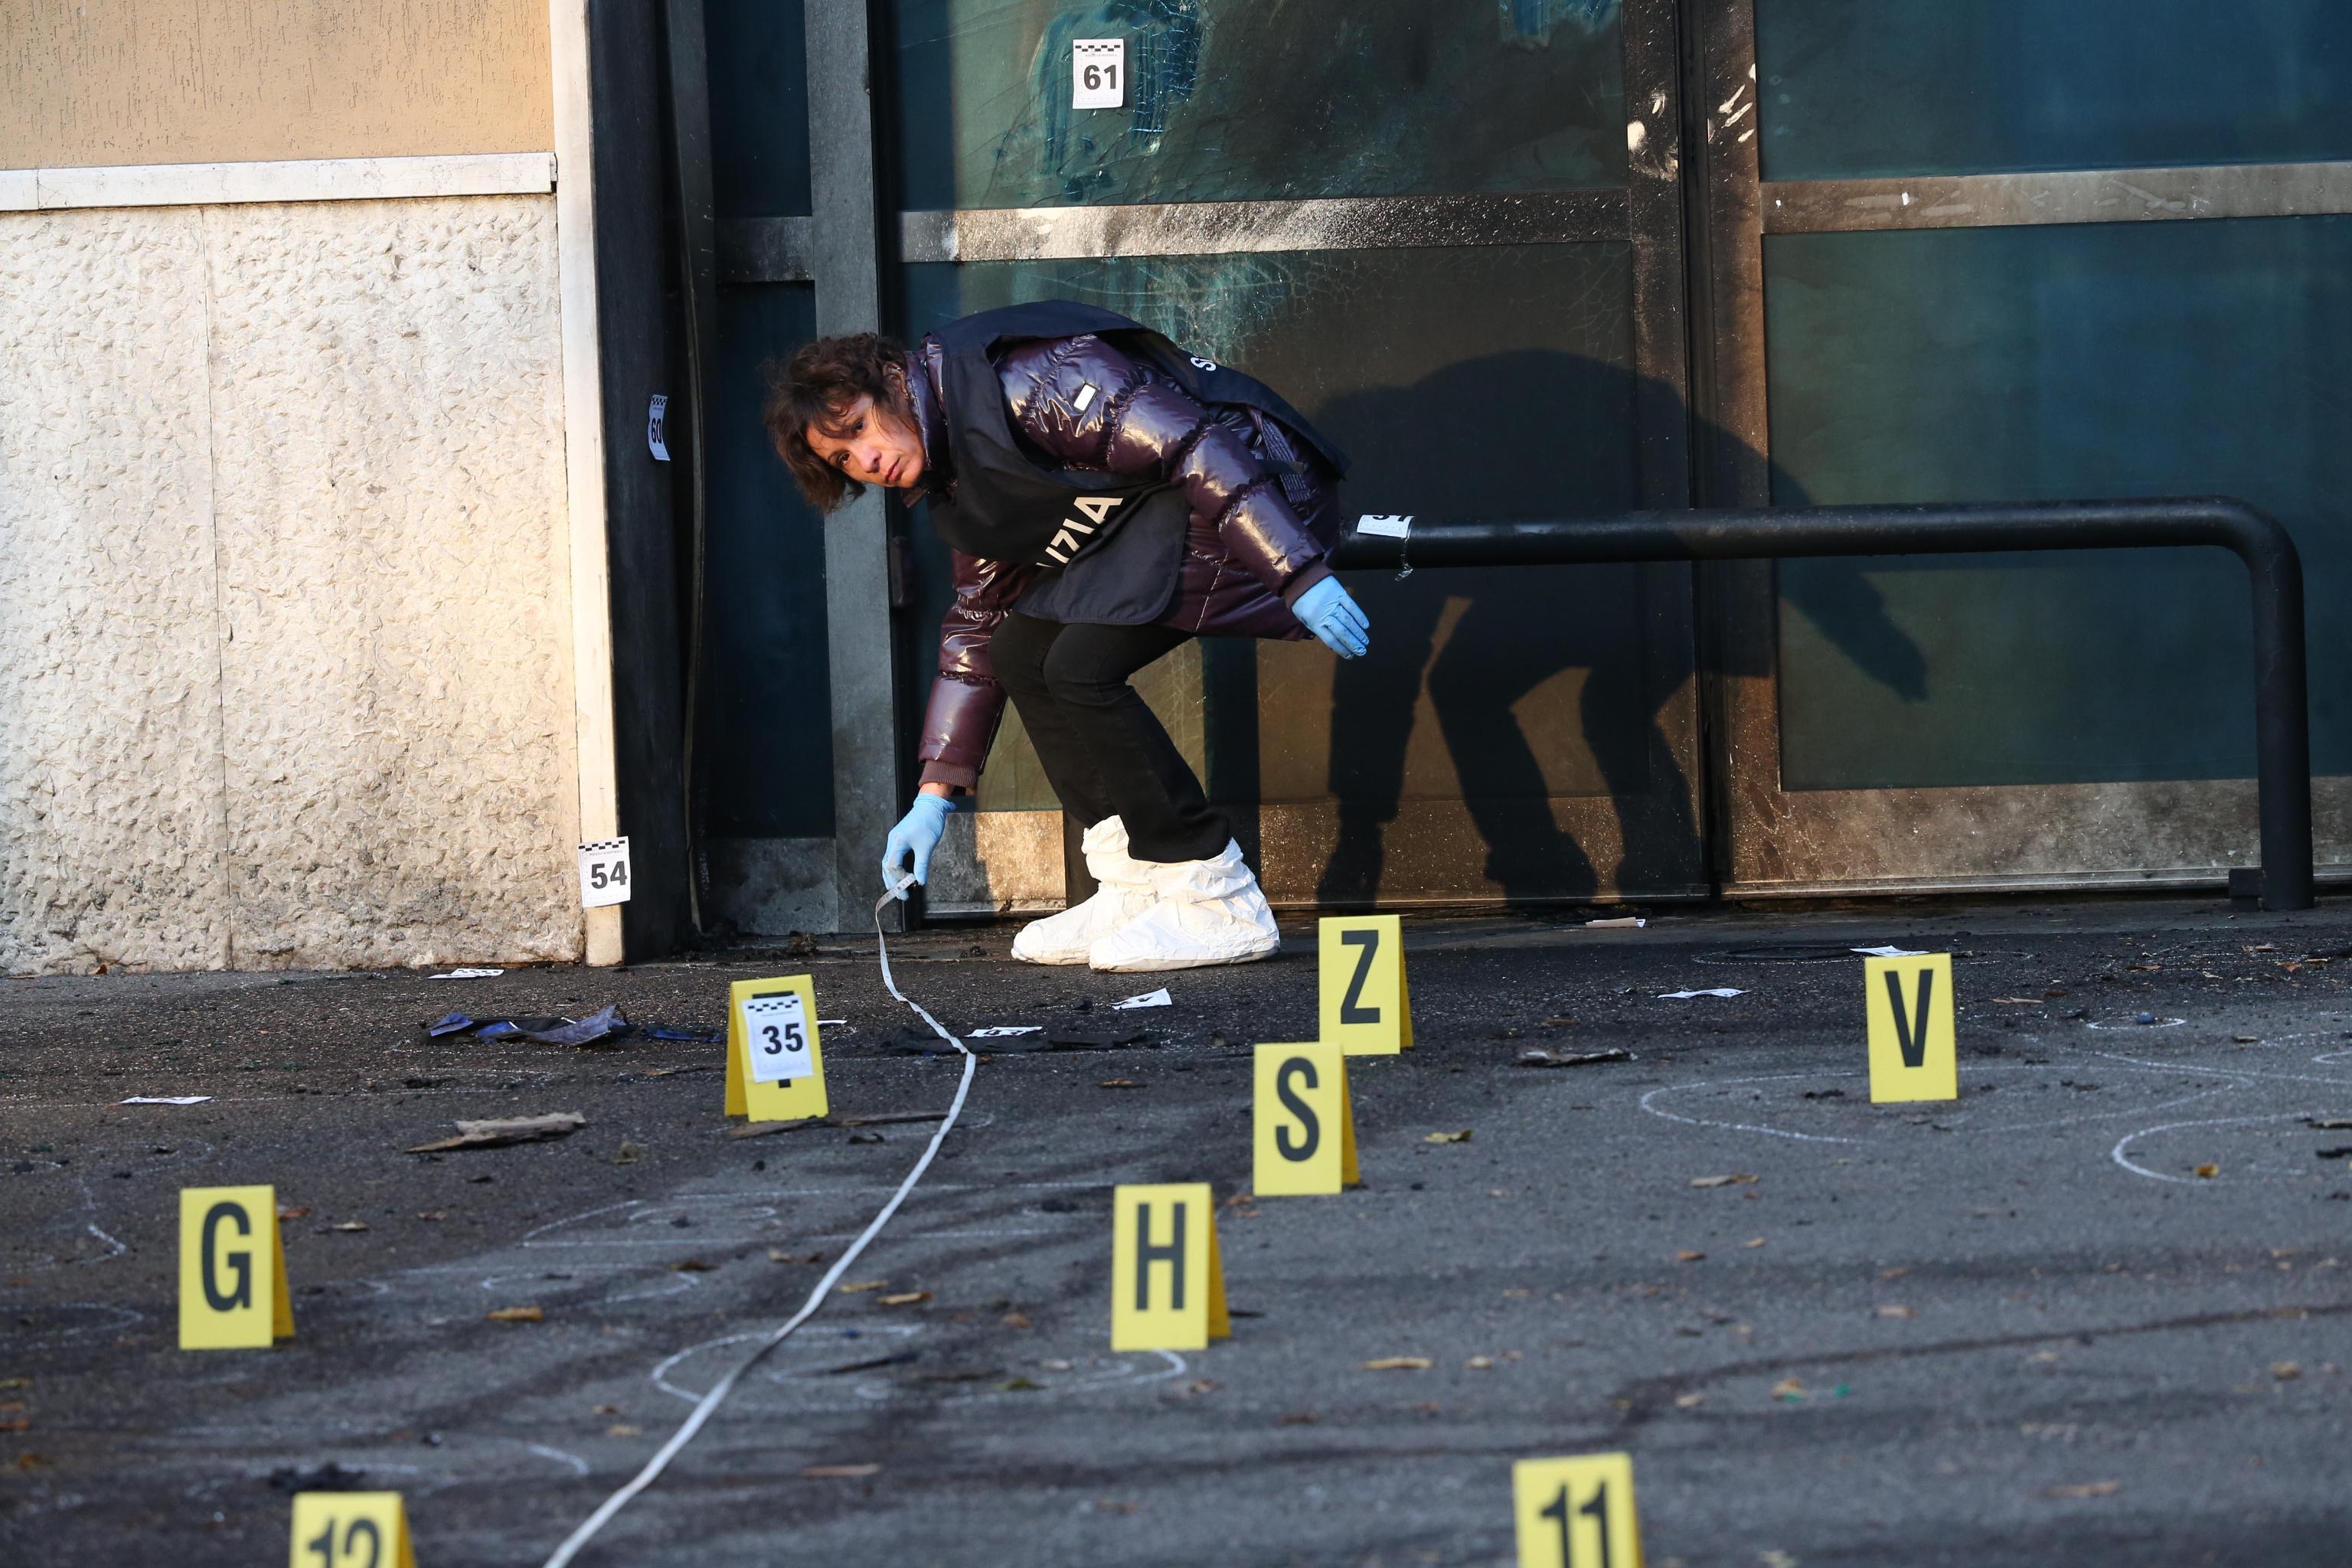 ++ Ordigno esploso davanti a sede Polizia a Brescia ++